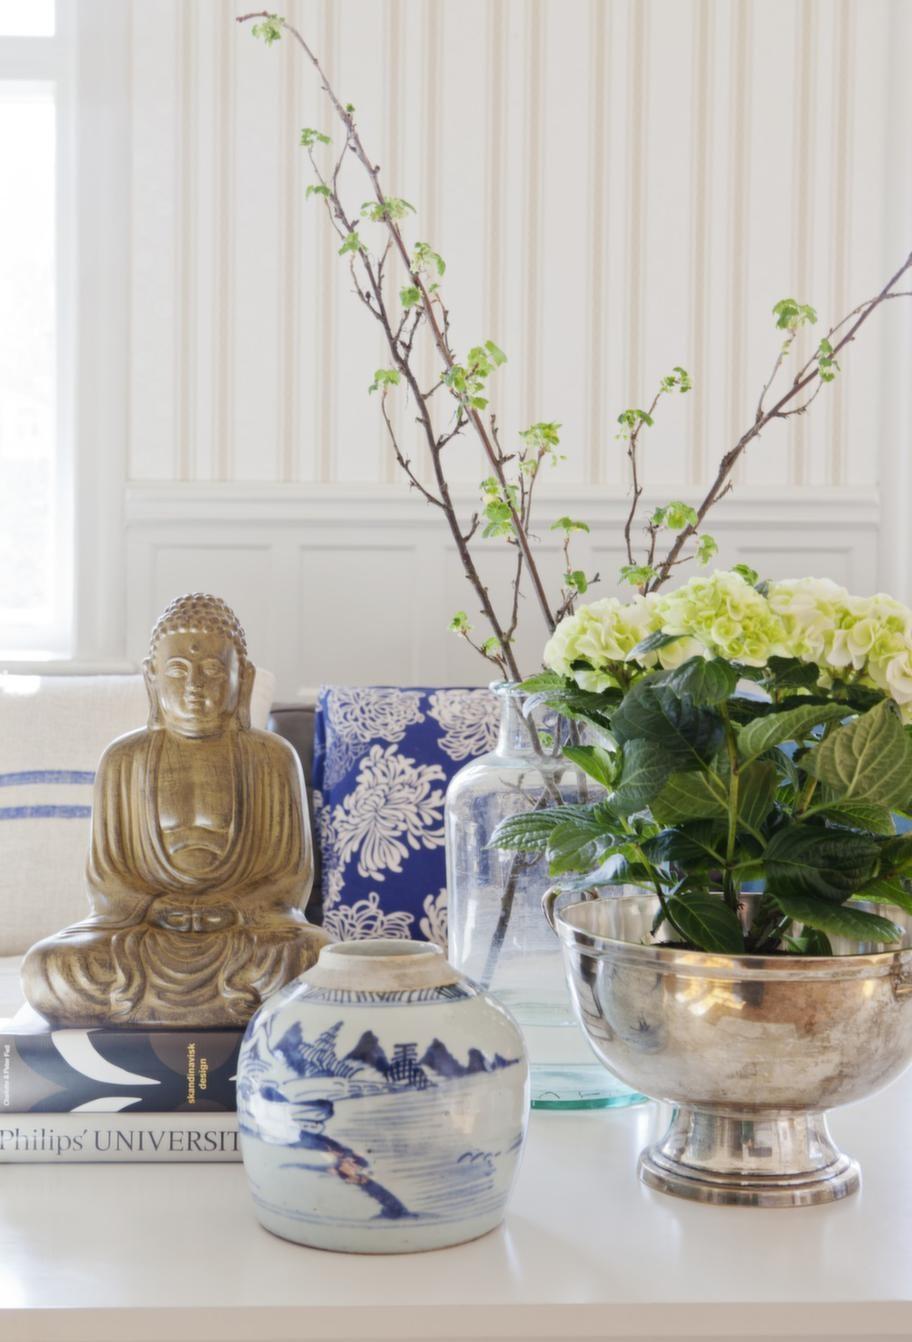 Klassiska skönheter. Johanna grupperar gärna saker hon tycker om. Buddhan kommer från Indiska, antikt krus och silverskål är inropade på auktion.